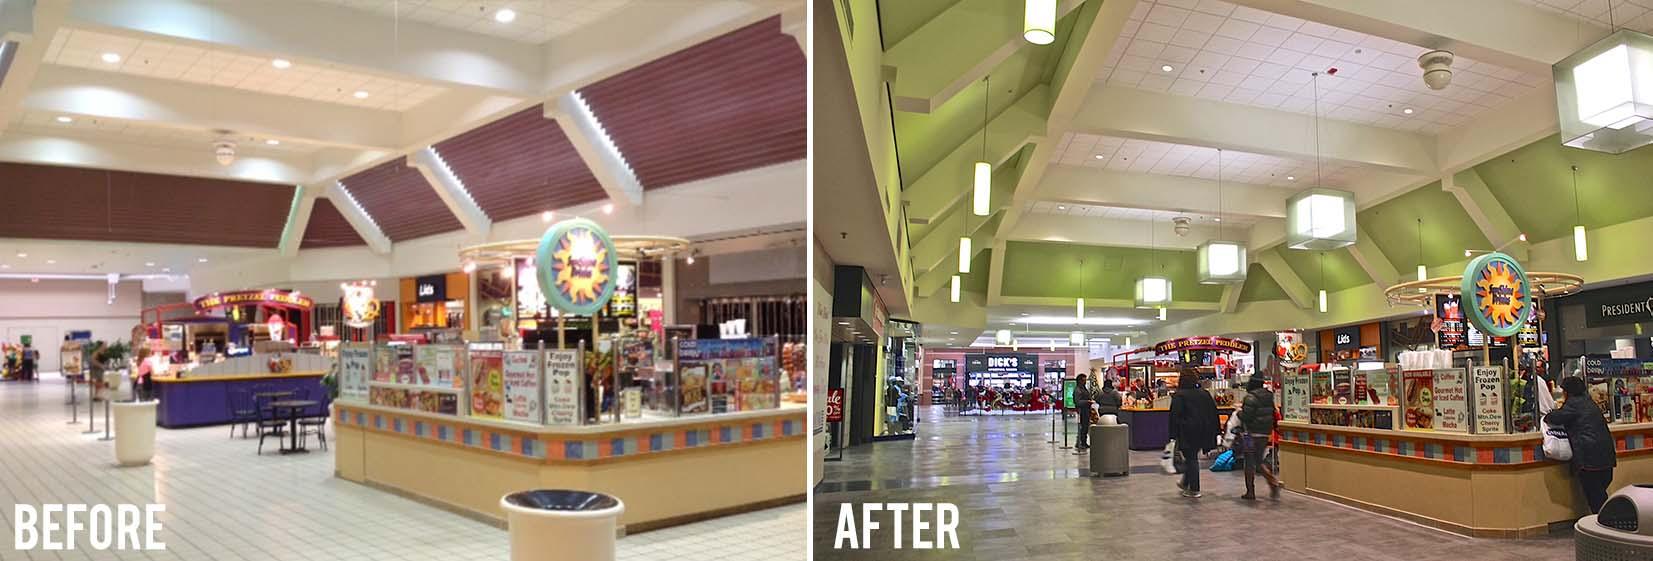 Before and After- Pretzel Peddler